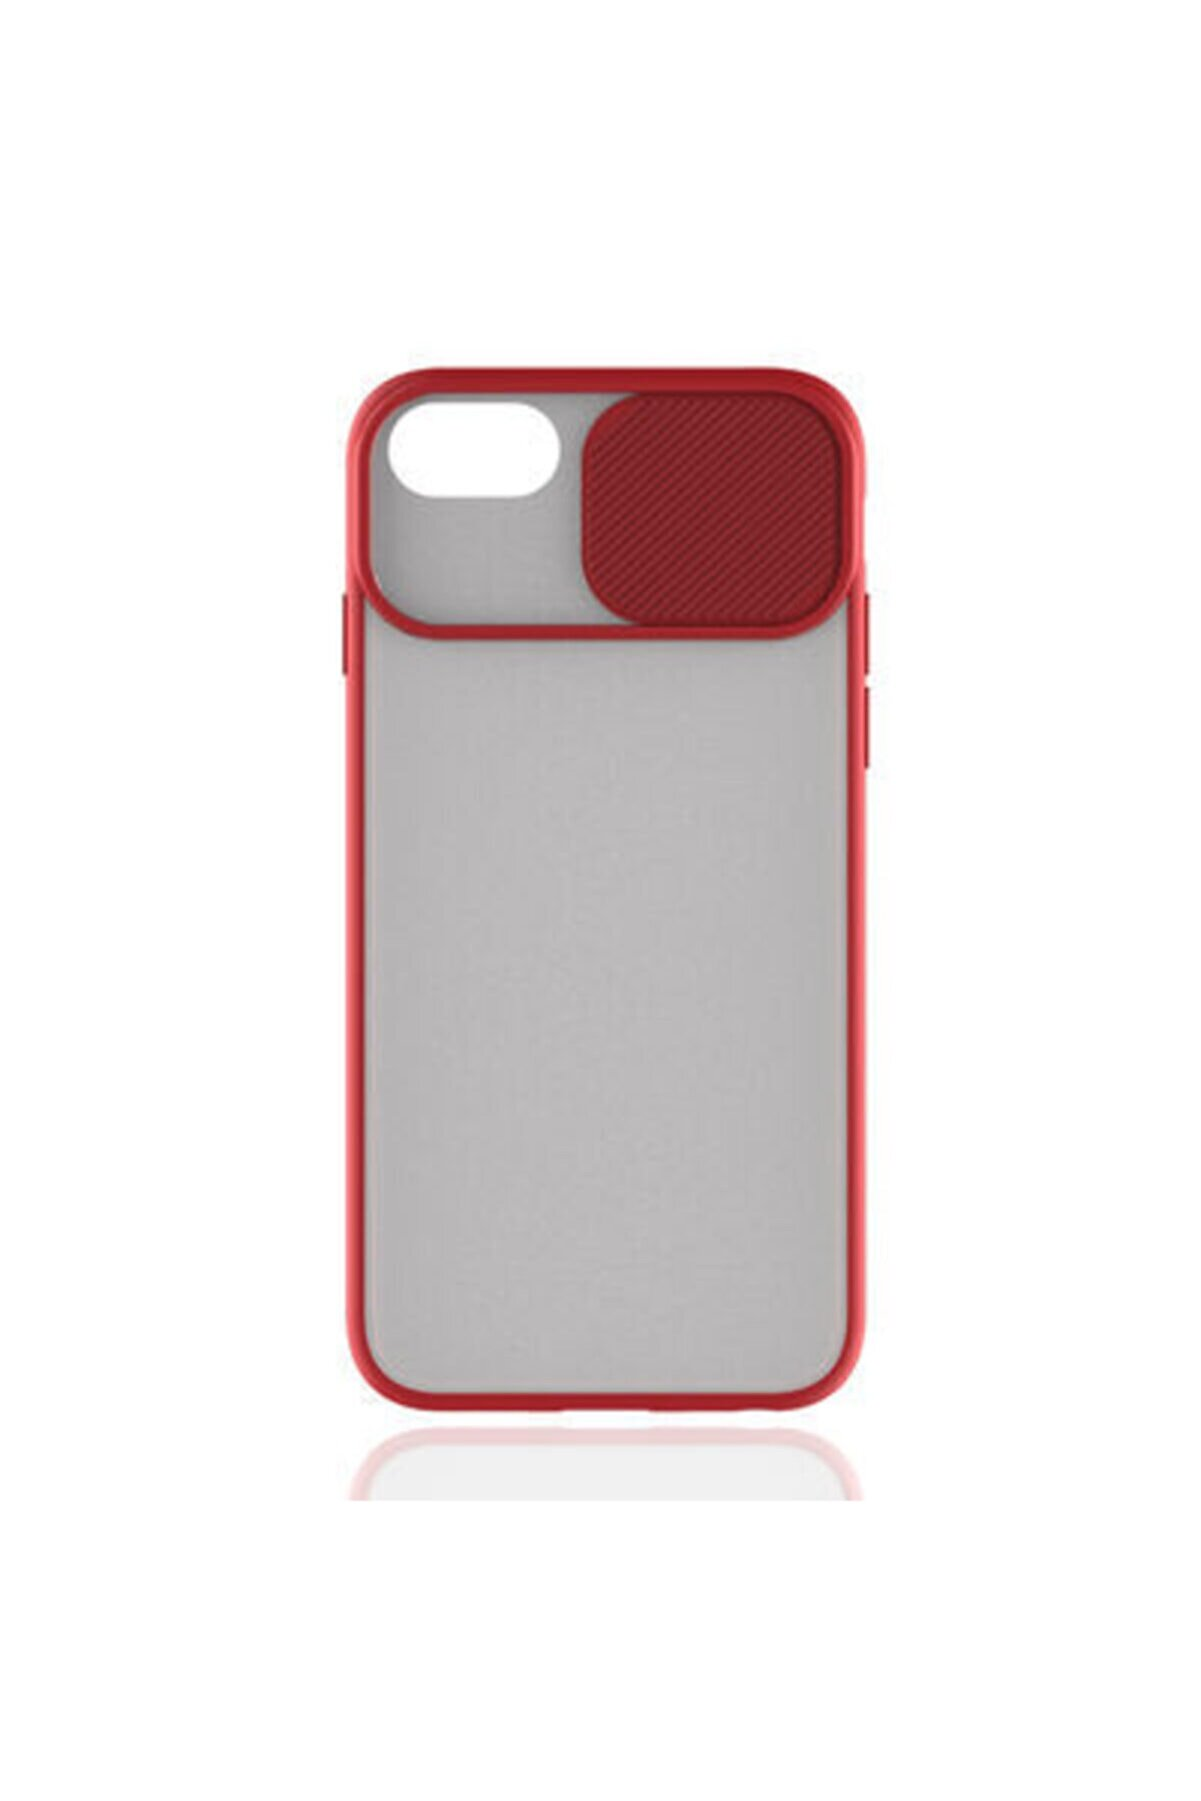 SrcTeknoloji Apple Iphone 7 Plus Uyumlu Kılıf